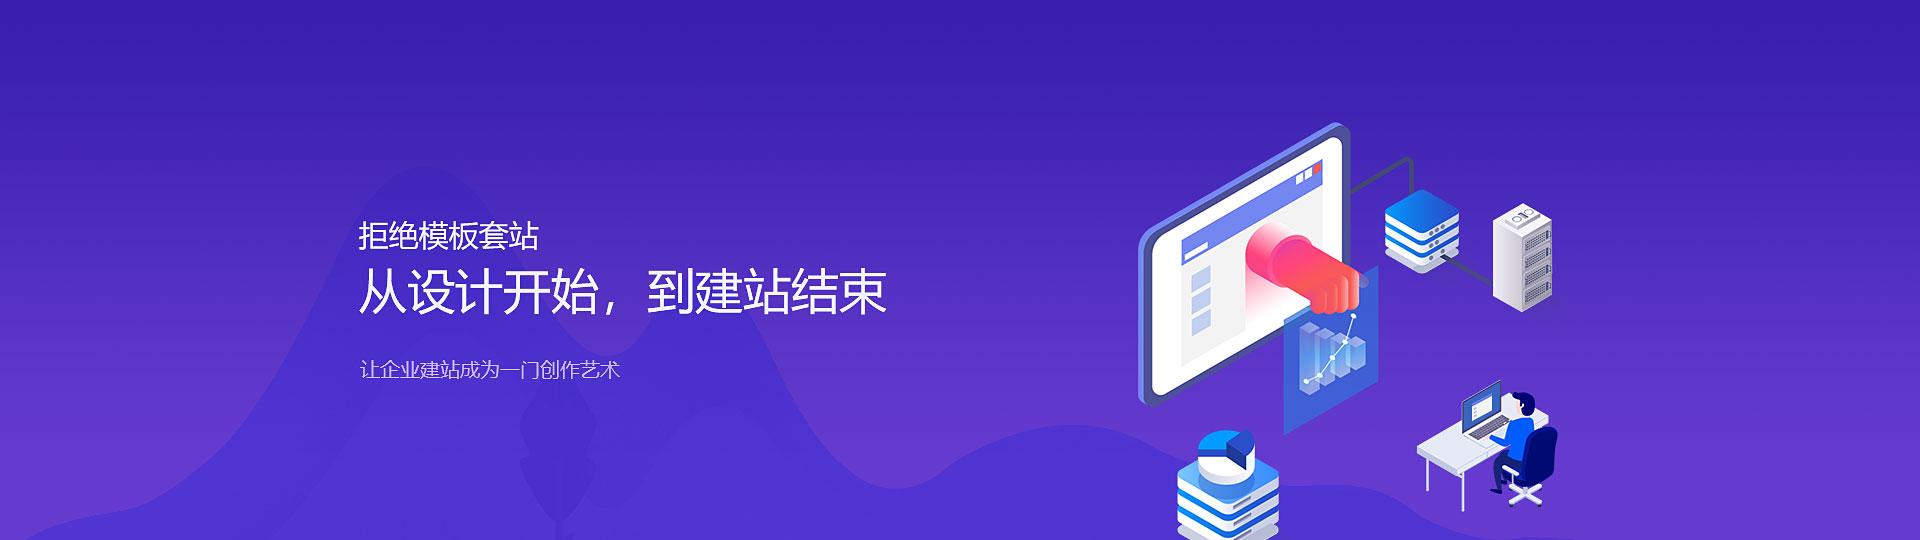 官网建站,尖峰科技